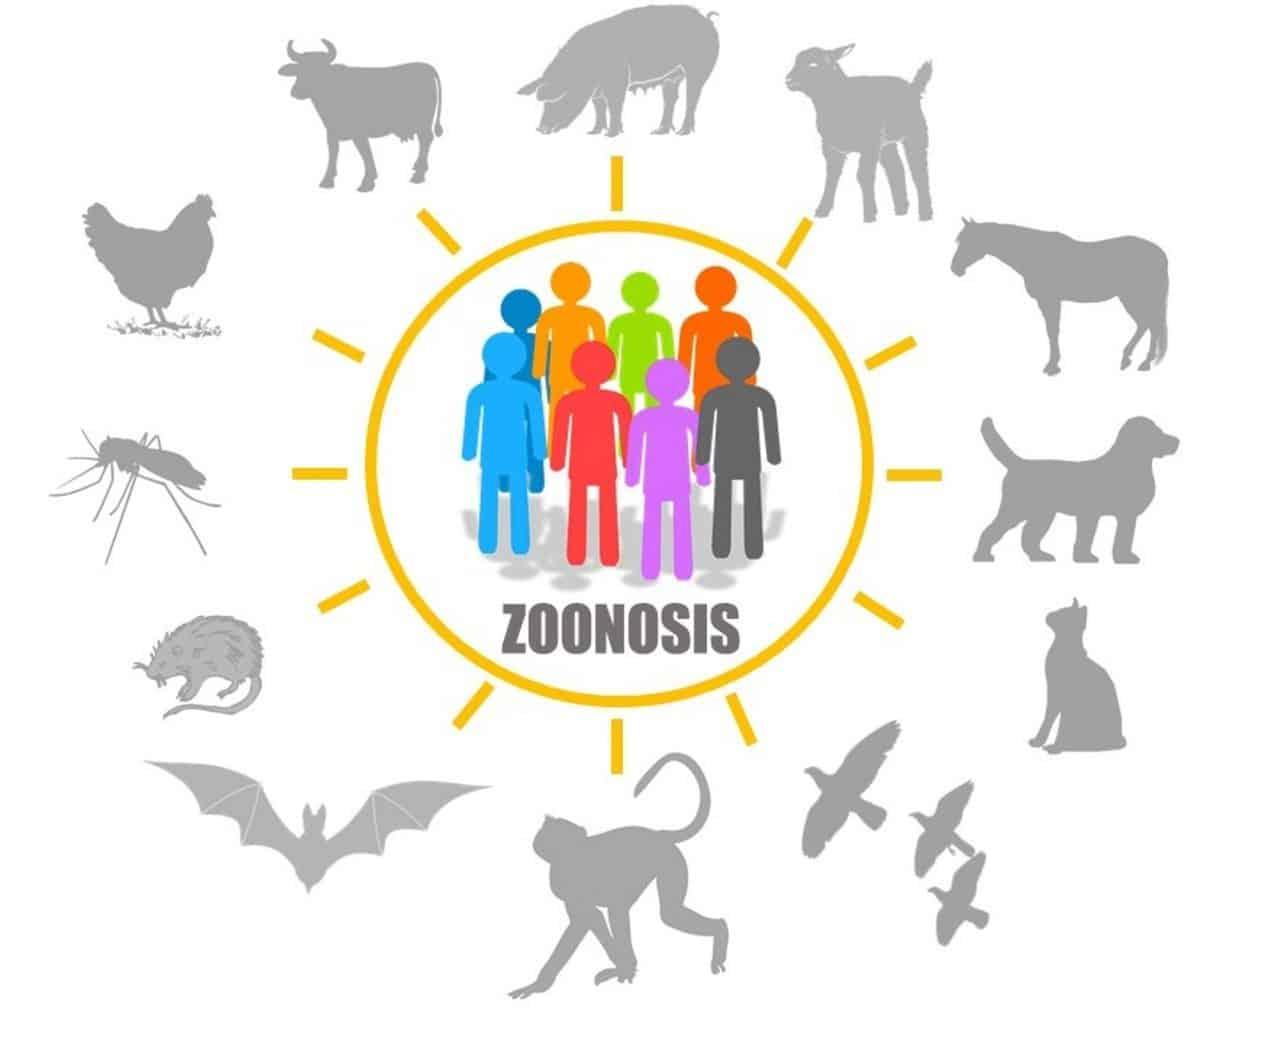 DIA MUNDIAL DE LAS ZOONOSIS.